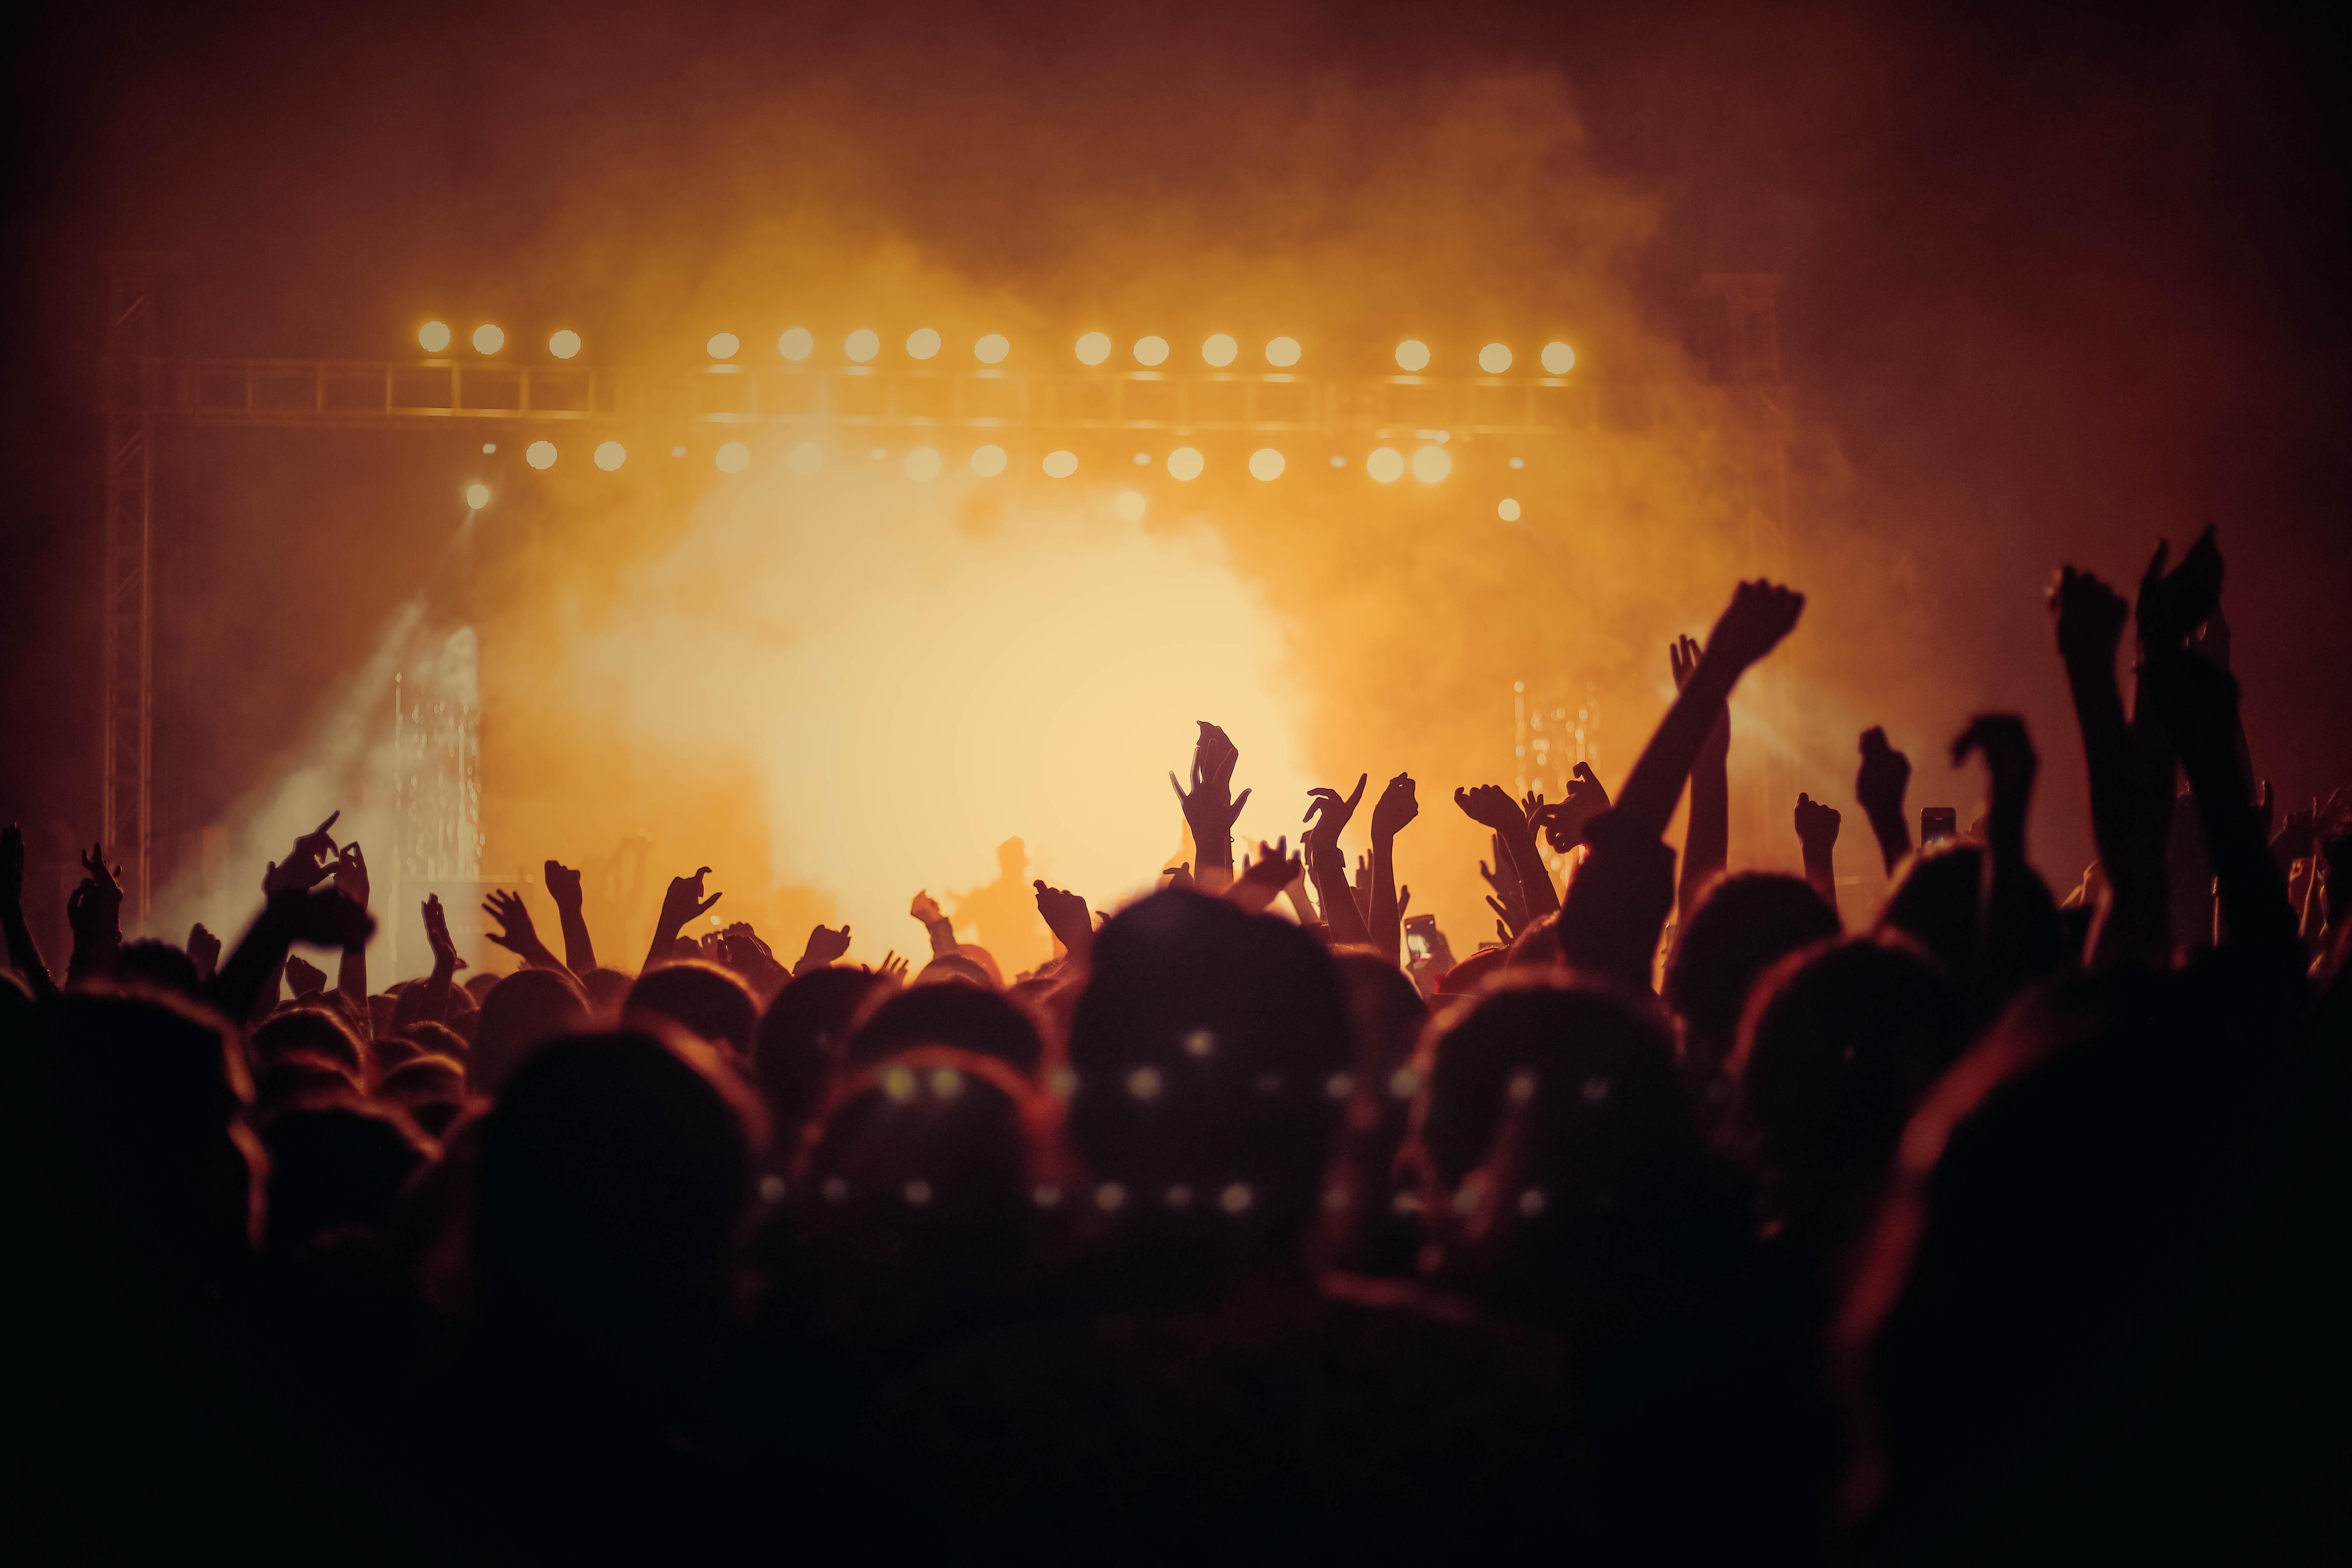 Concert hands up dark party